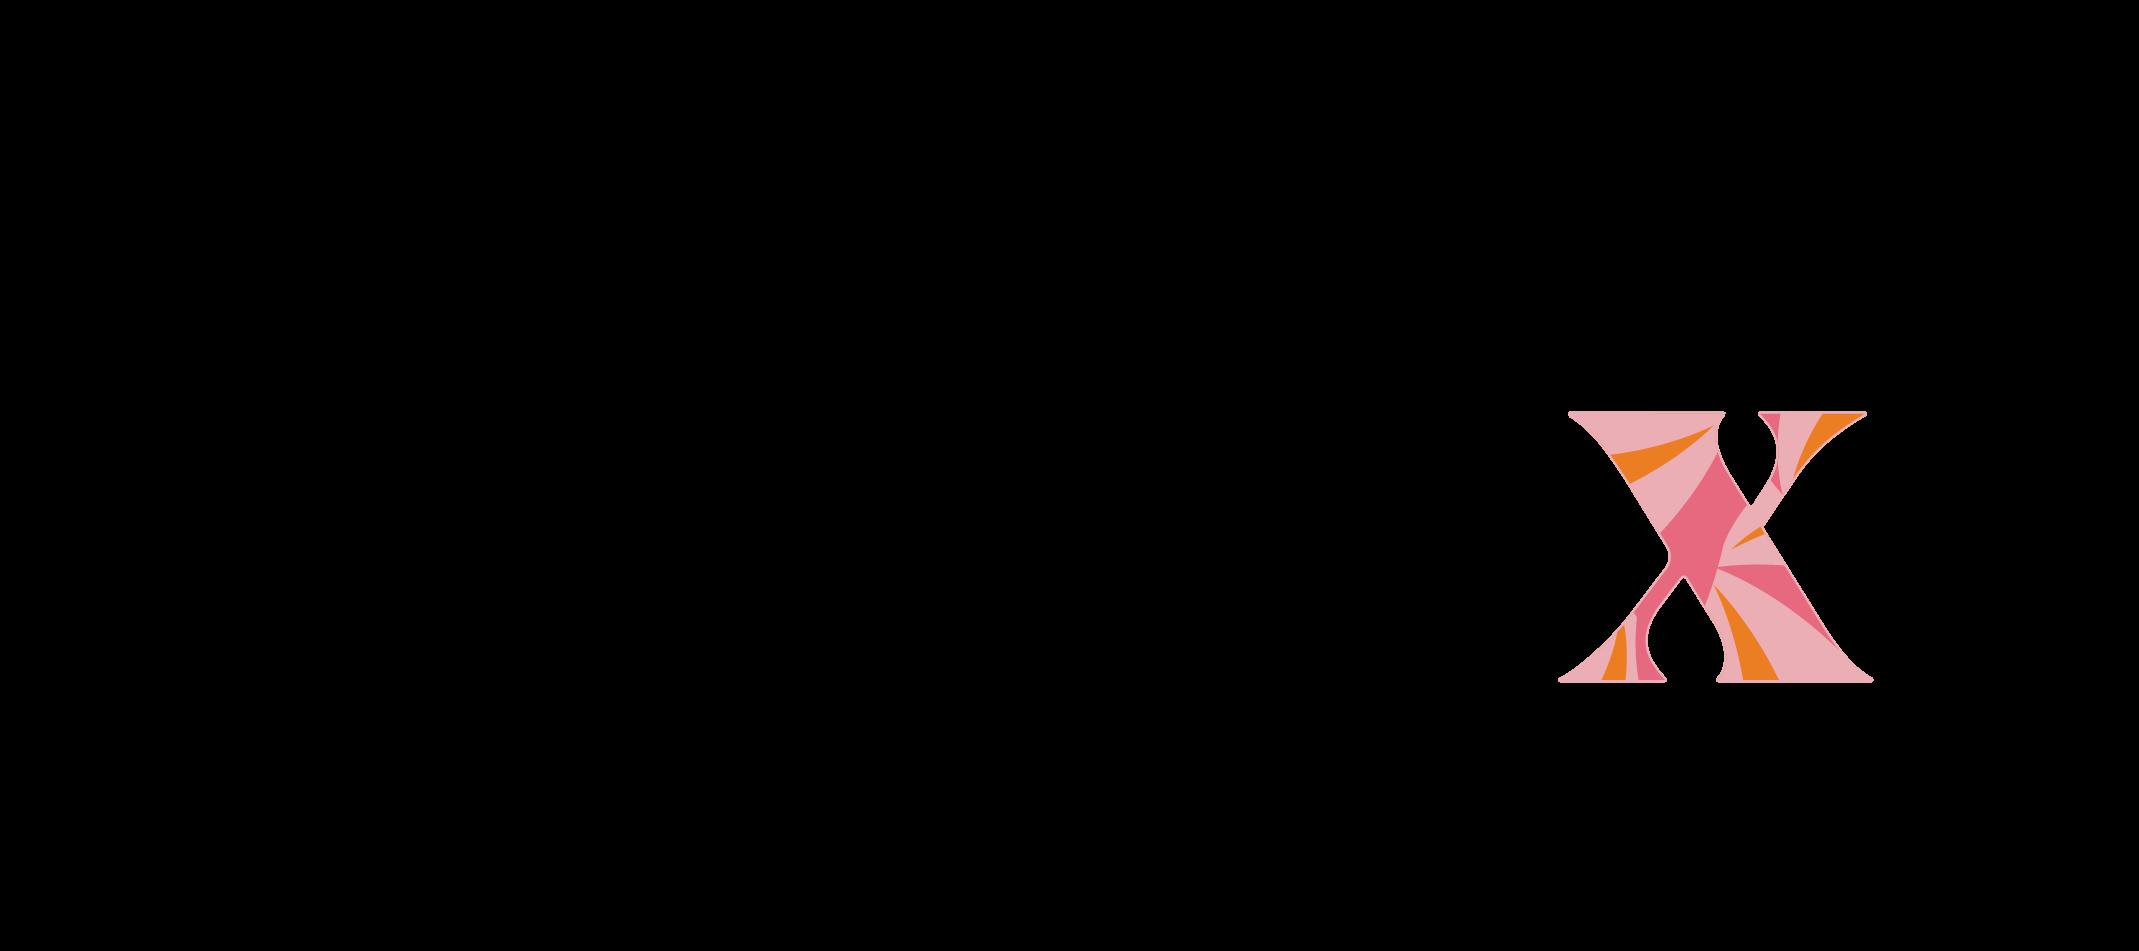 freeda-logo.png